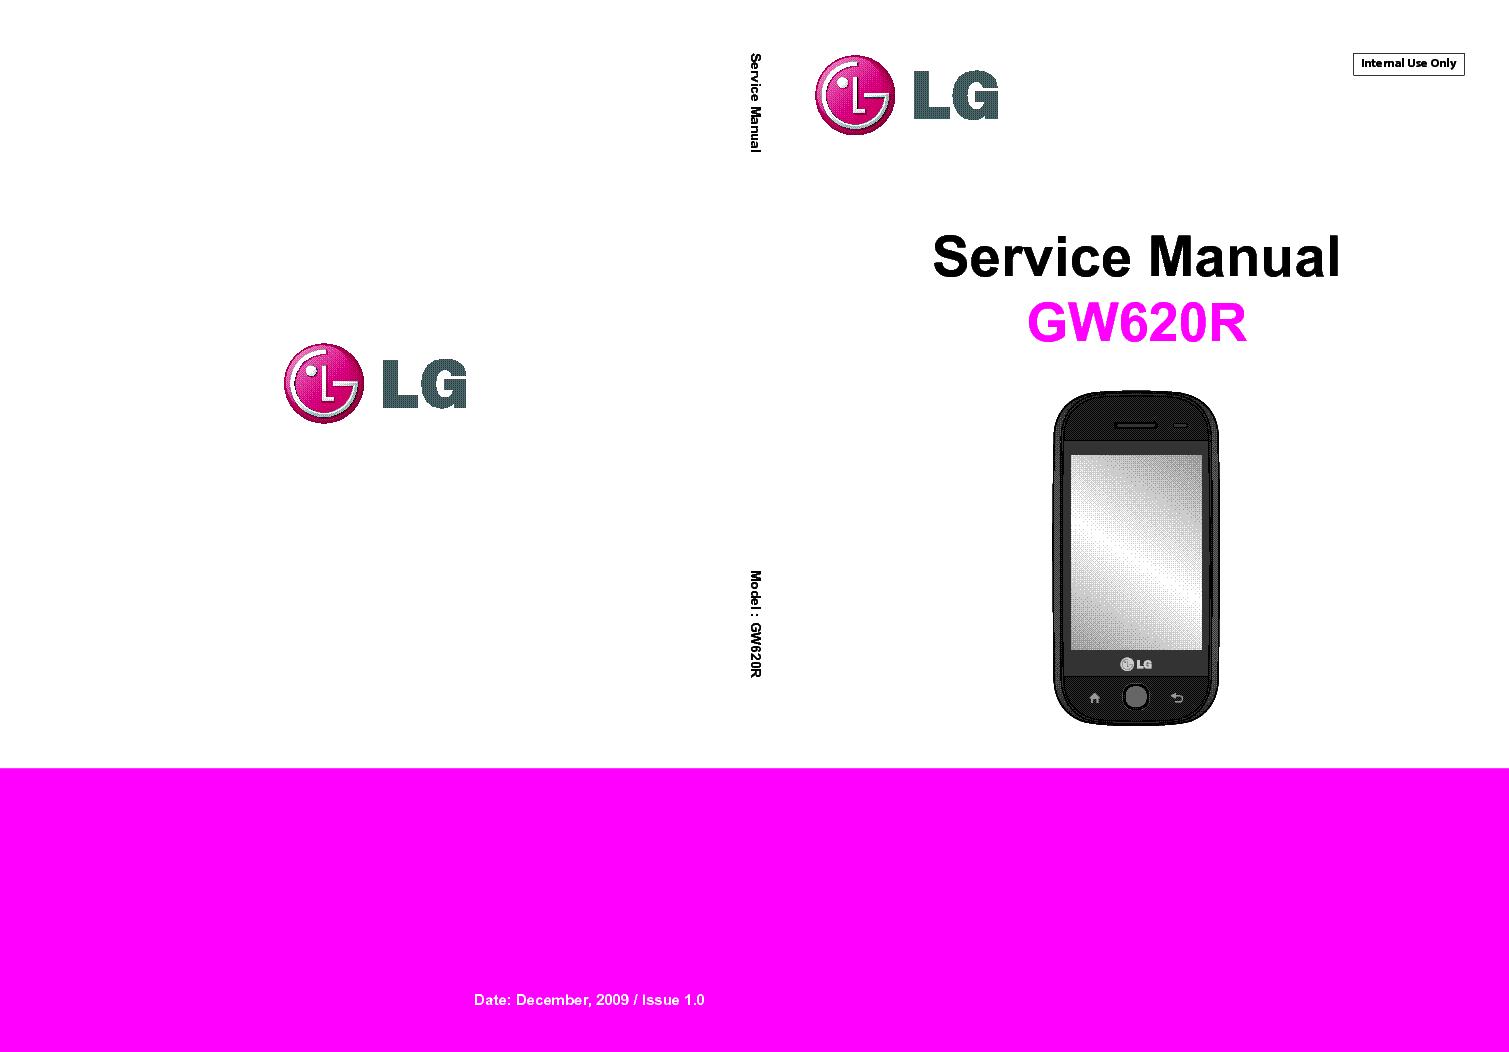 LG GW620R GW620F SM service manual (1st page)